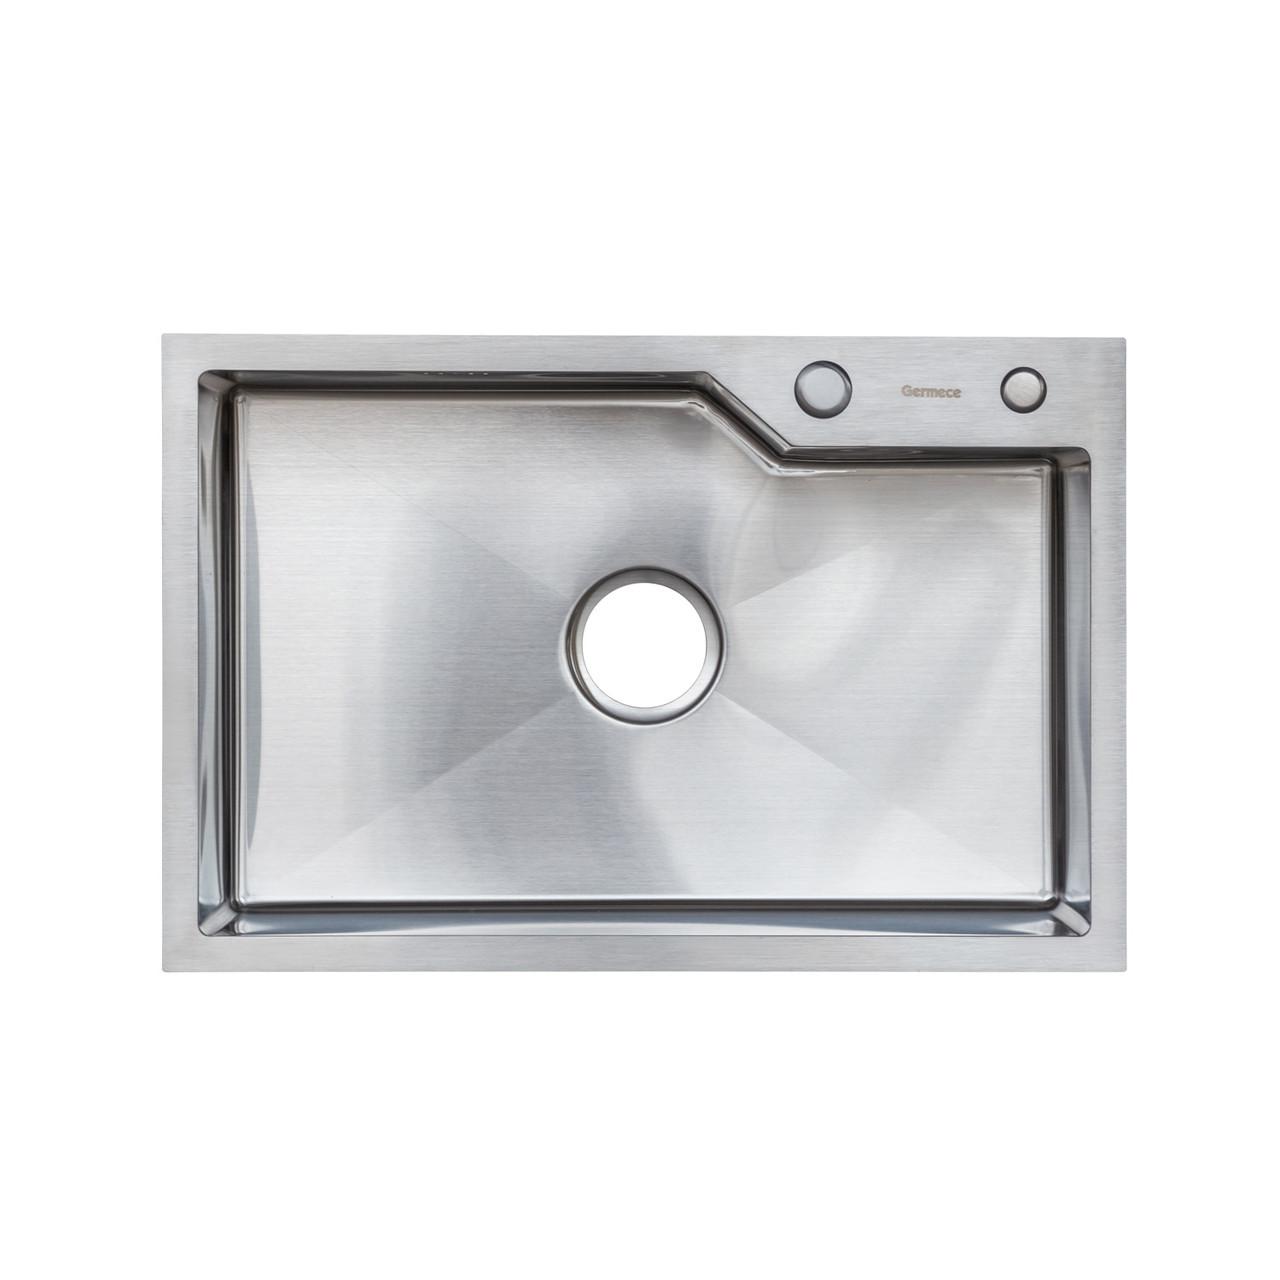 Кухонная мойка Platinum Handmade 65 * 43/220 3,0 / 1,5 мм корзина и дозатор в комплекте